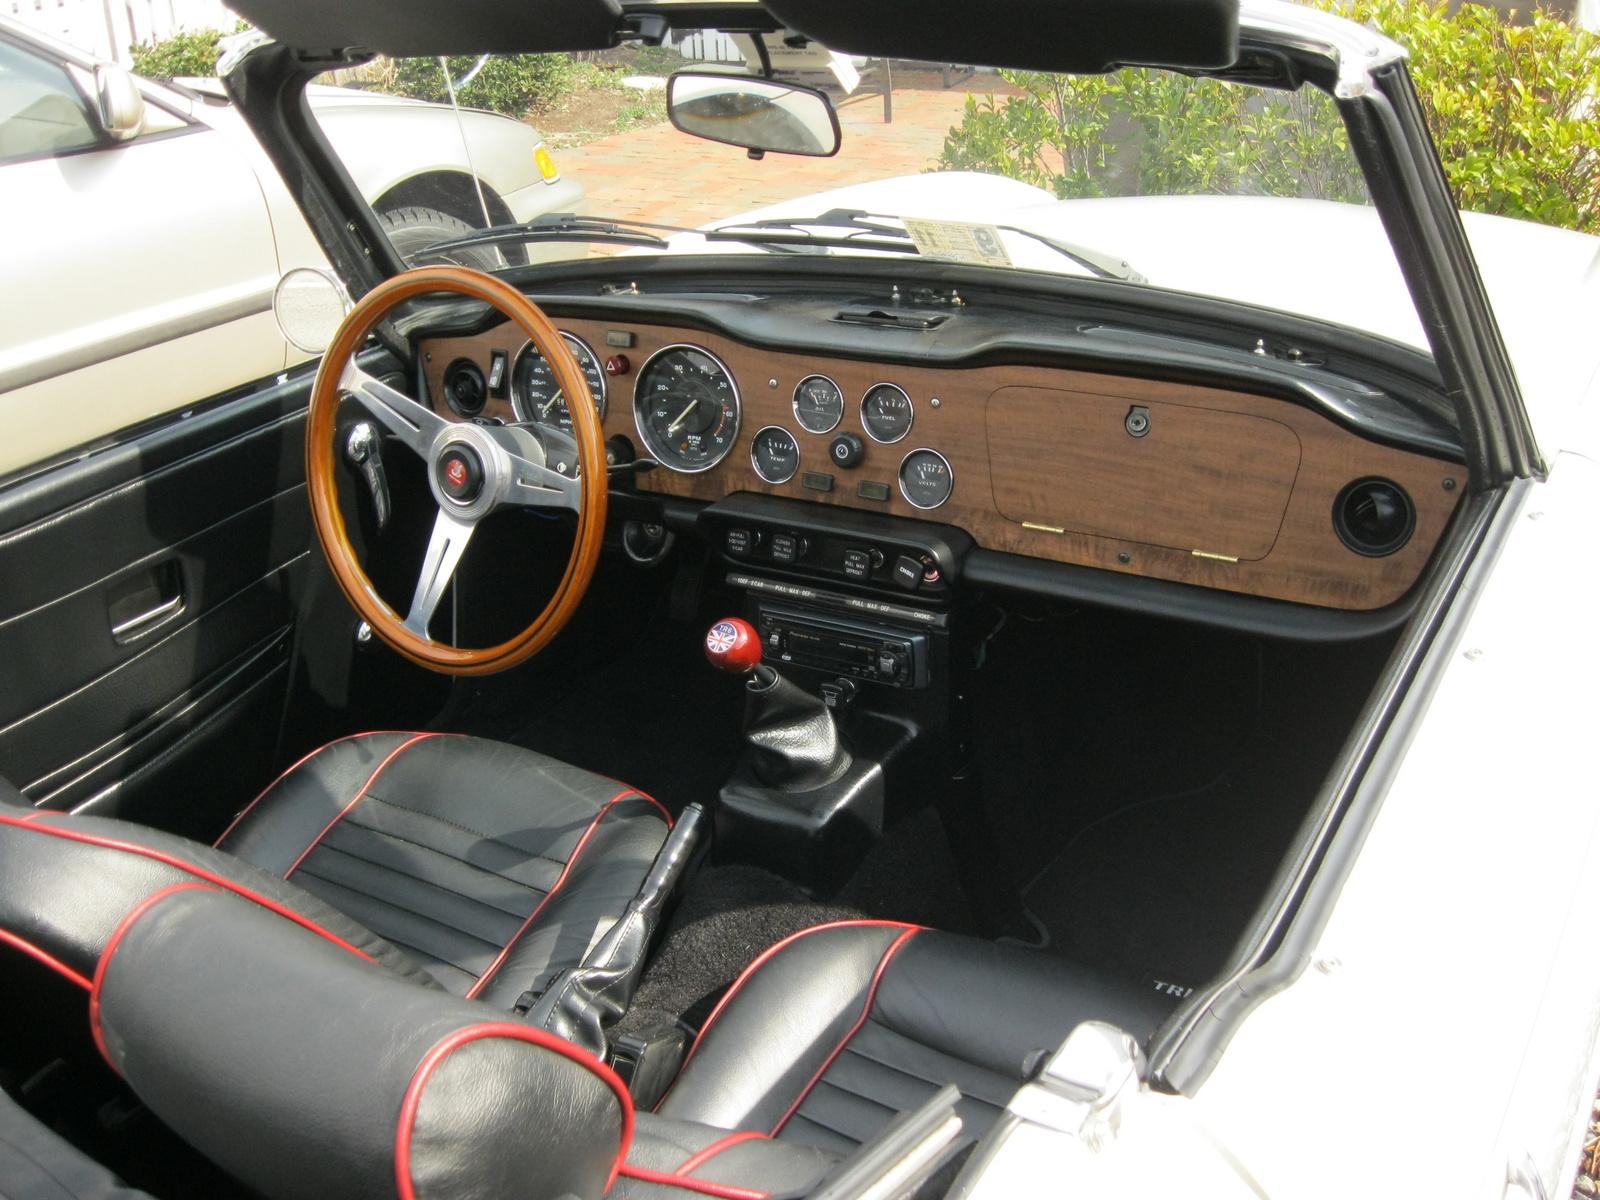 1976 Triumph Tr6 Interior Pictures Cargurus